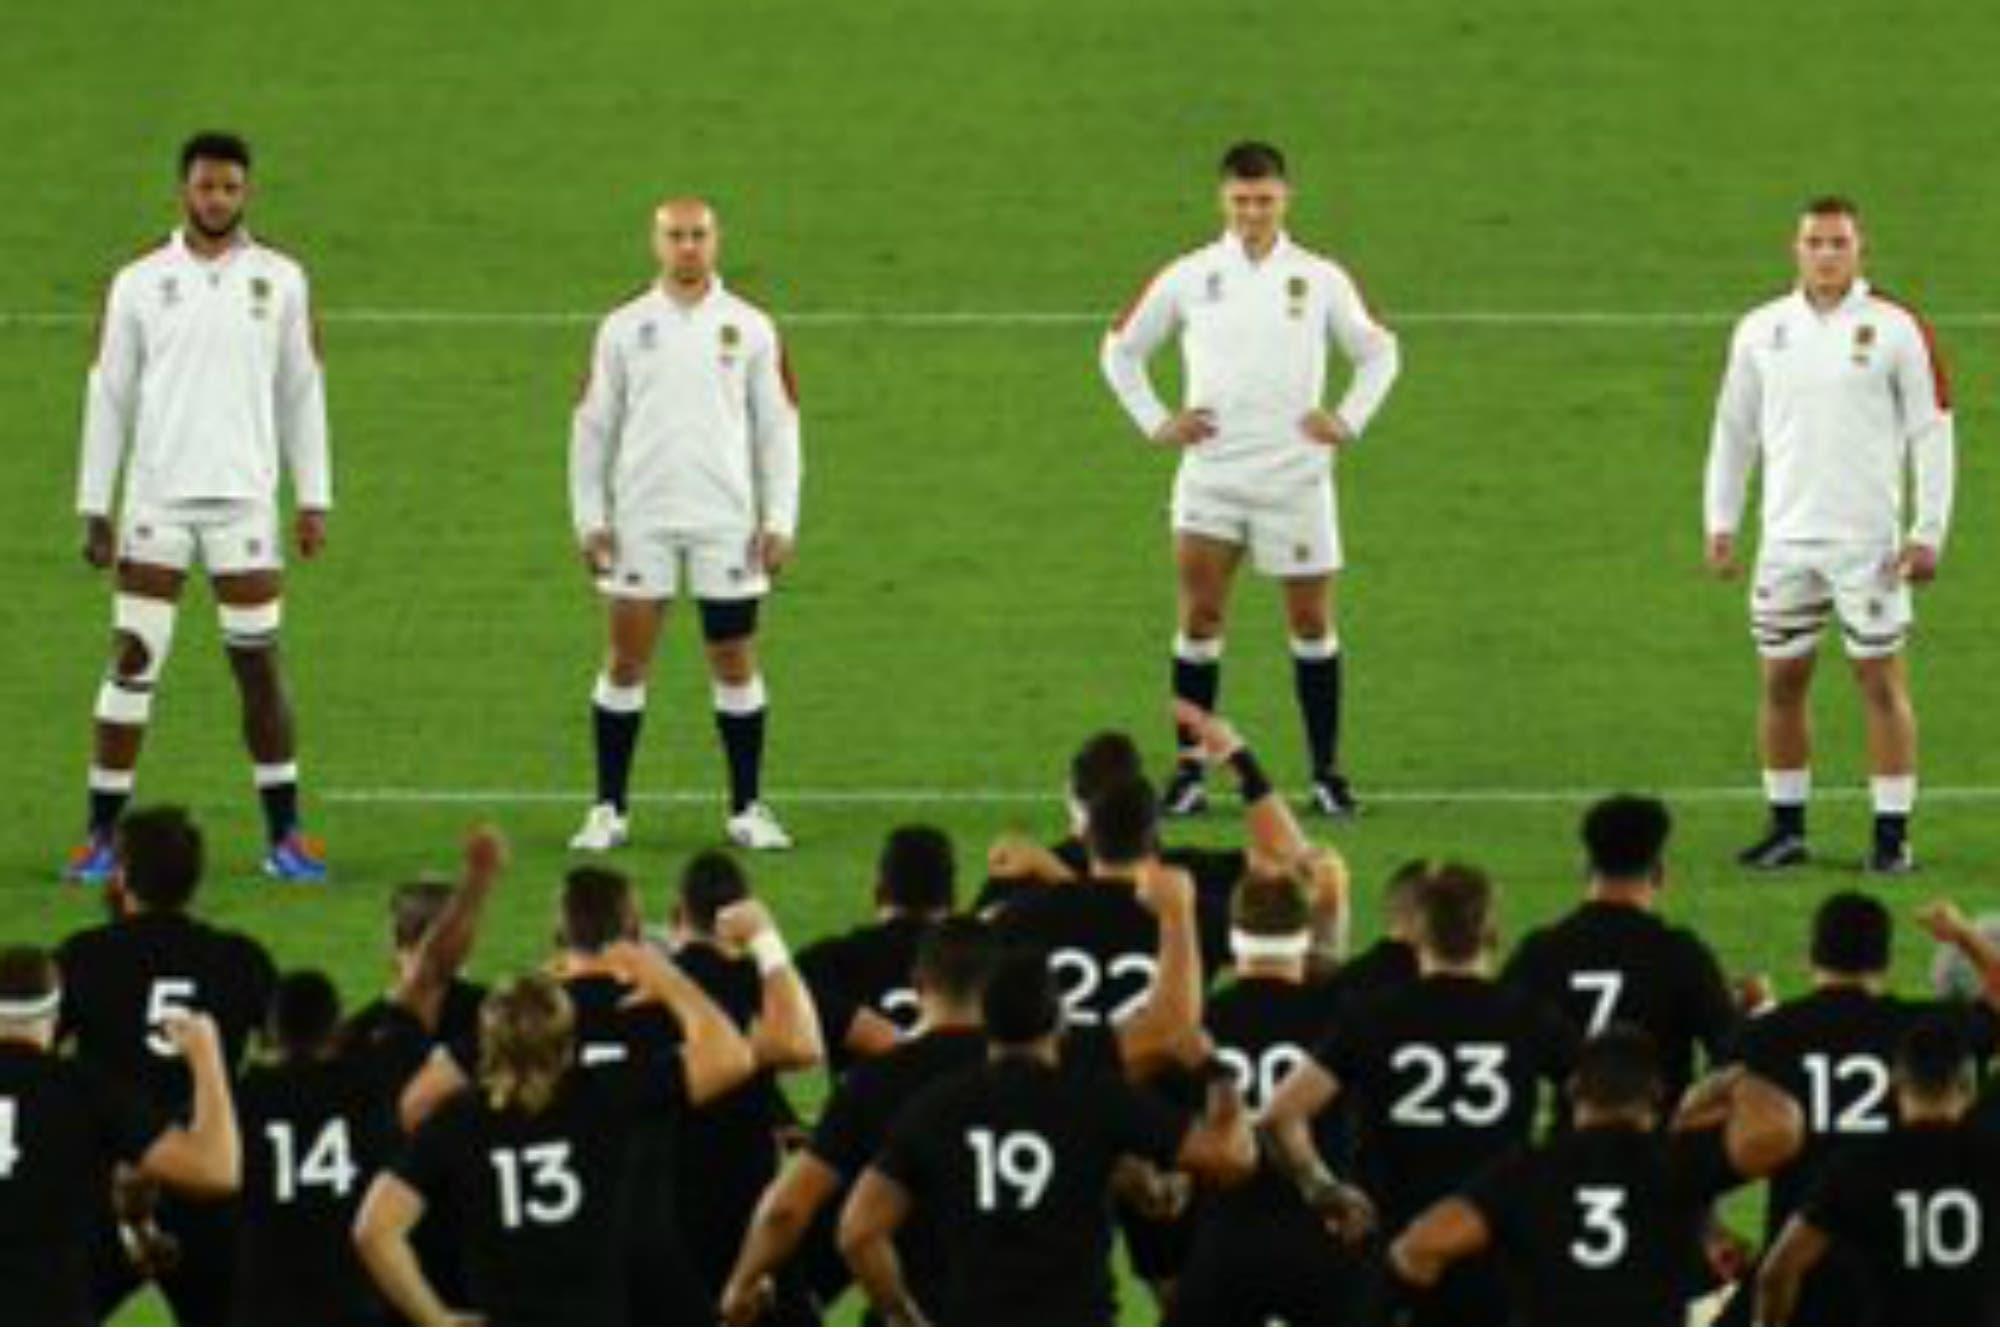 Mundial de rugby. Cómo reaccionó Inglaterra ante el Haka de los All Blacks y el respeto del final